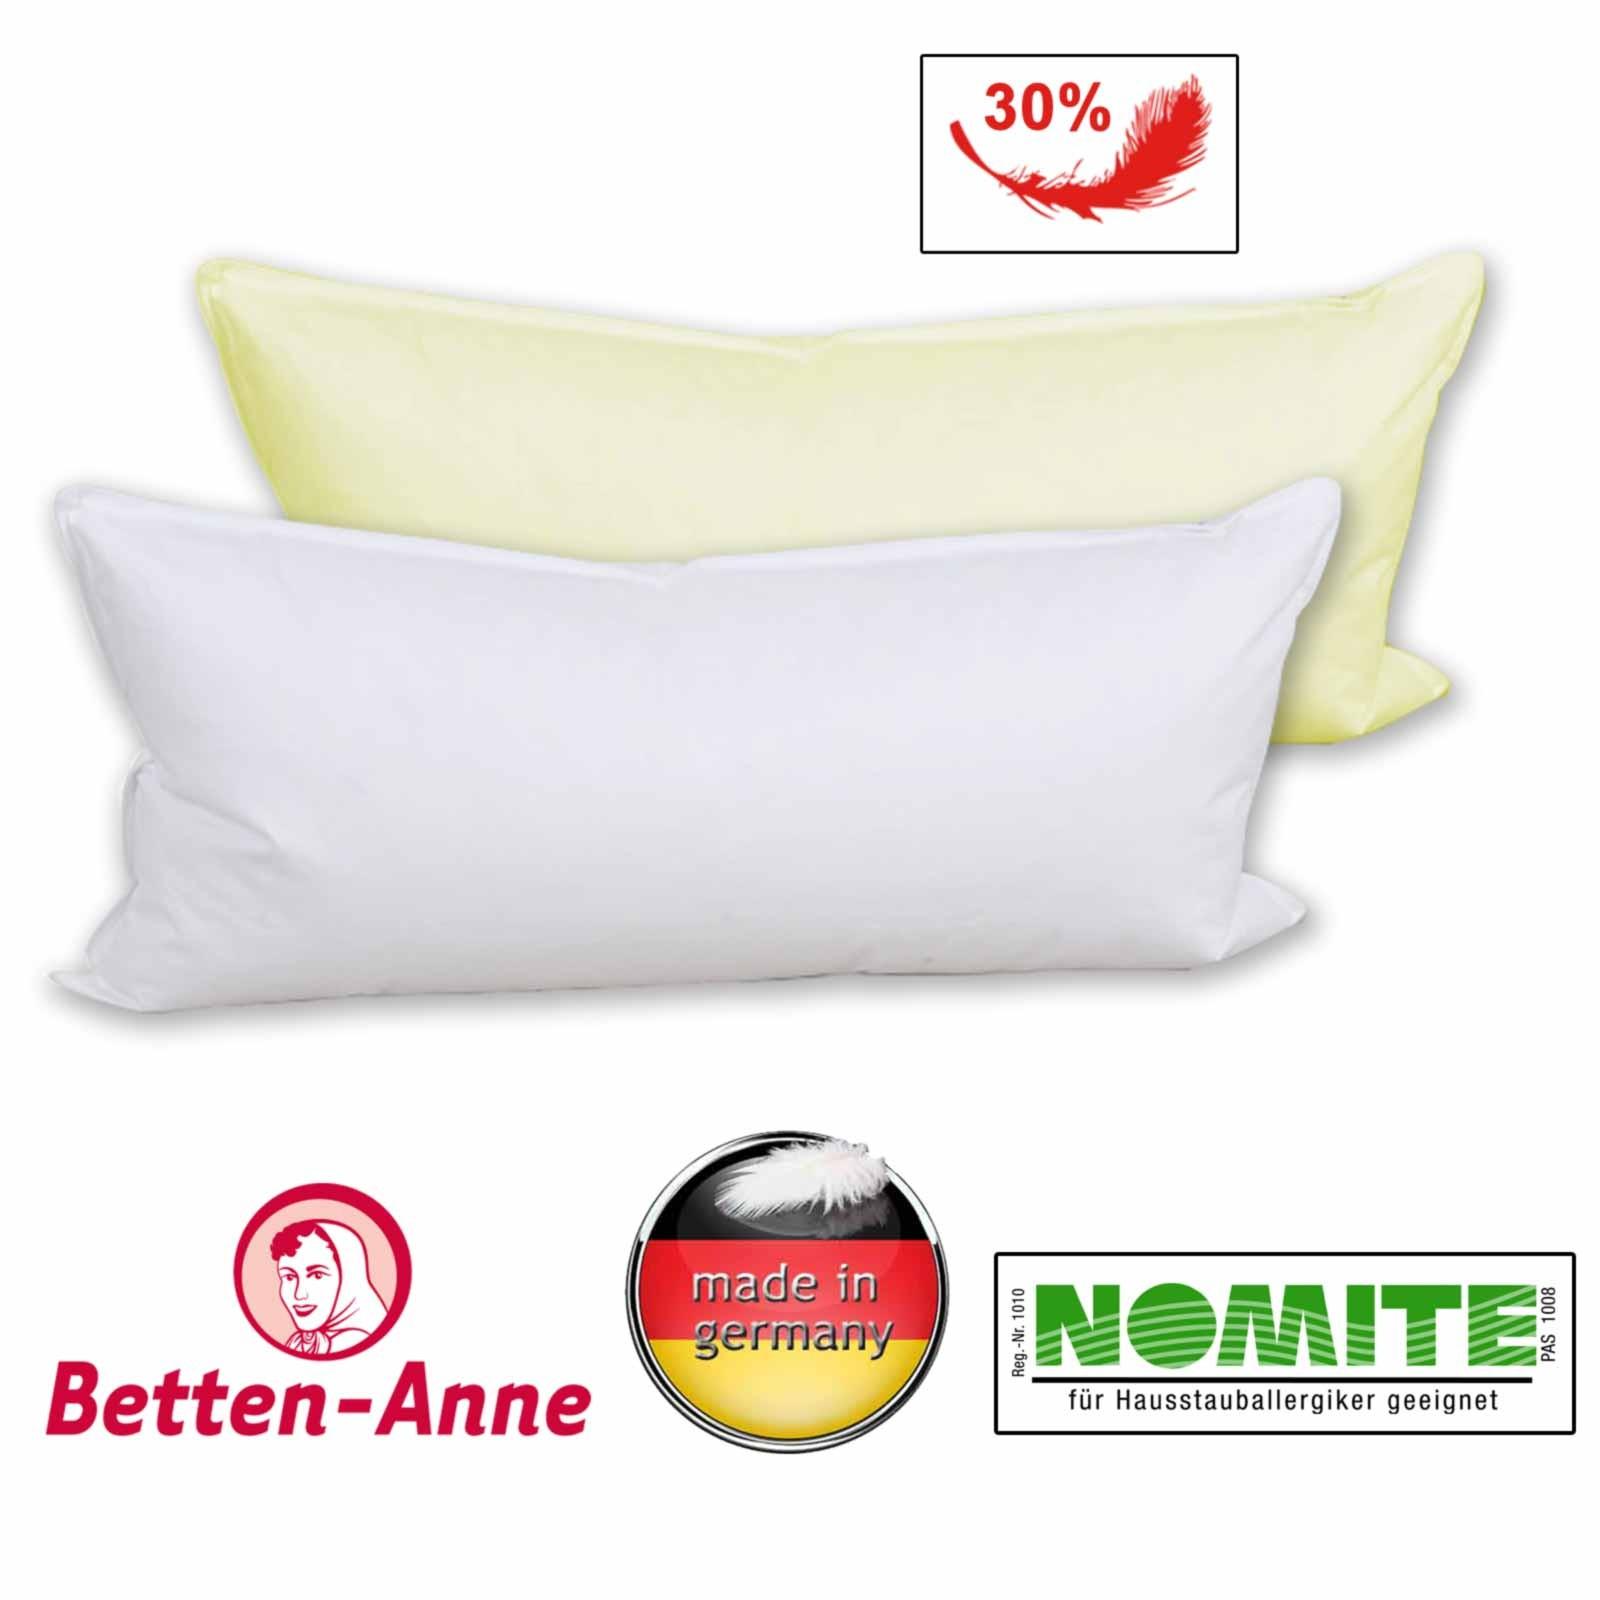 Kopfkissen 40x80 von Betten-Anne waschbar in weiß und creme 70% Federn 30% Daunen